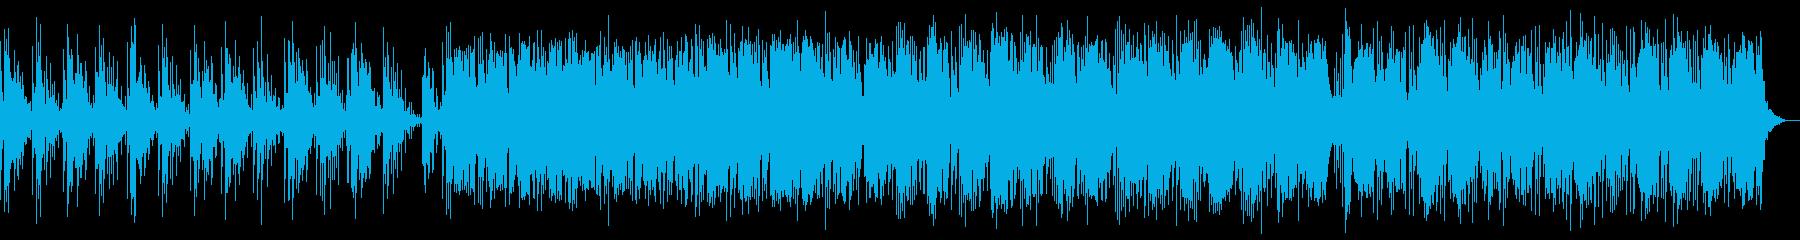 静かで美しいピアノ曲(効果音なし)の再生済みの波形